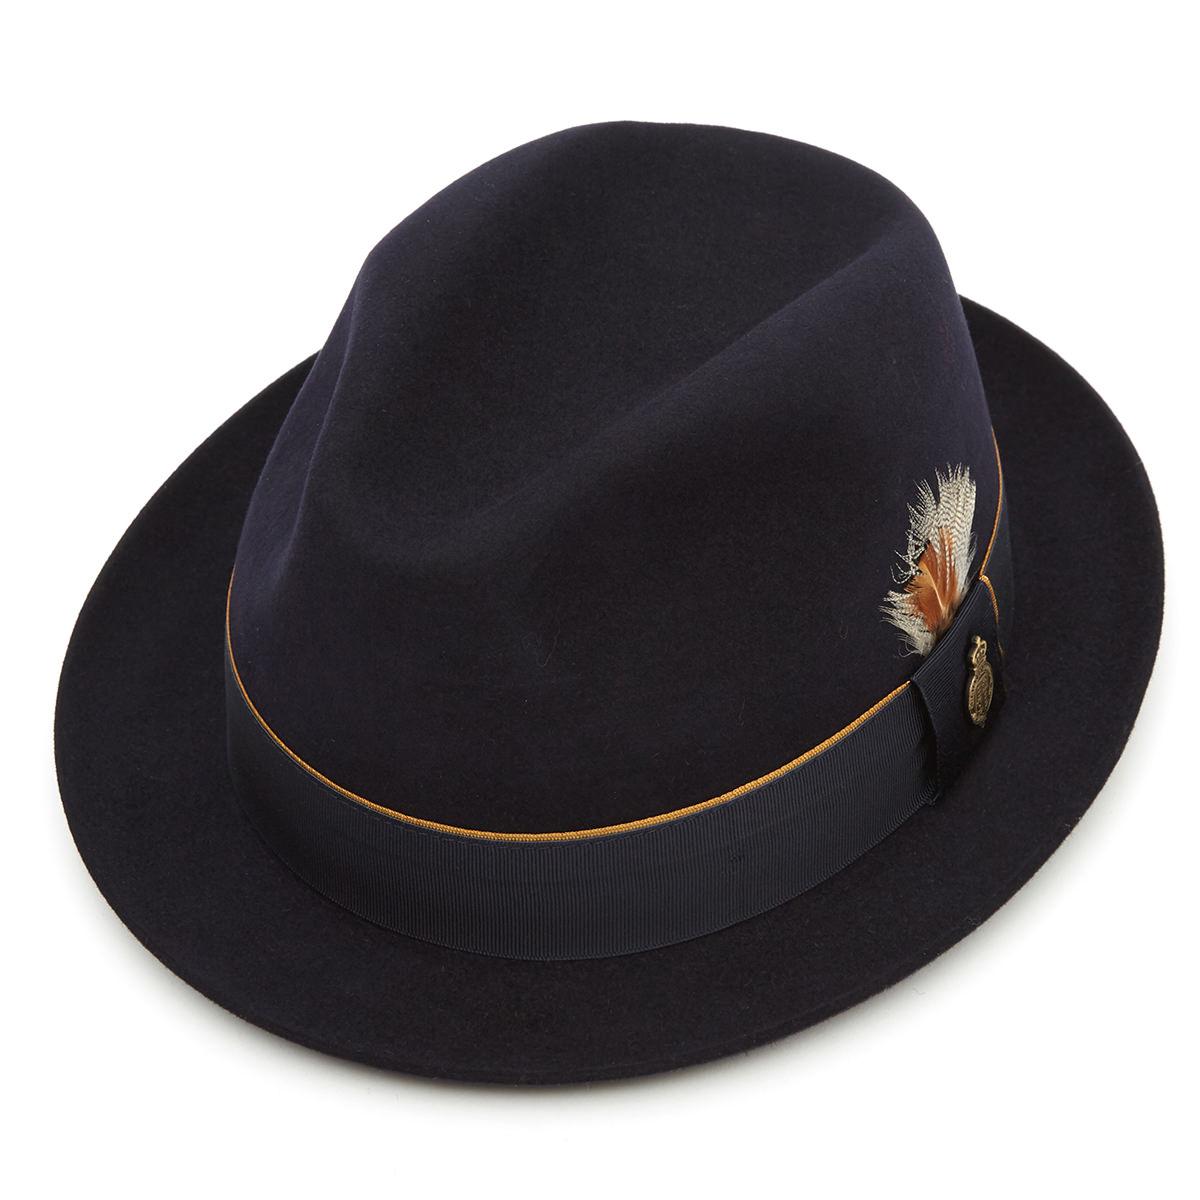 Finchley Fur Felt Trilby Hat Navy 55